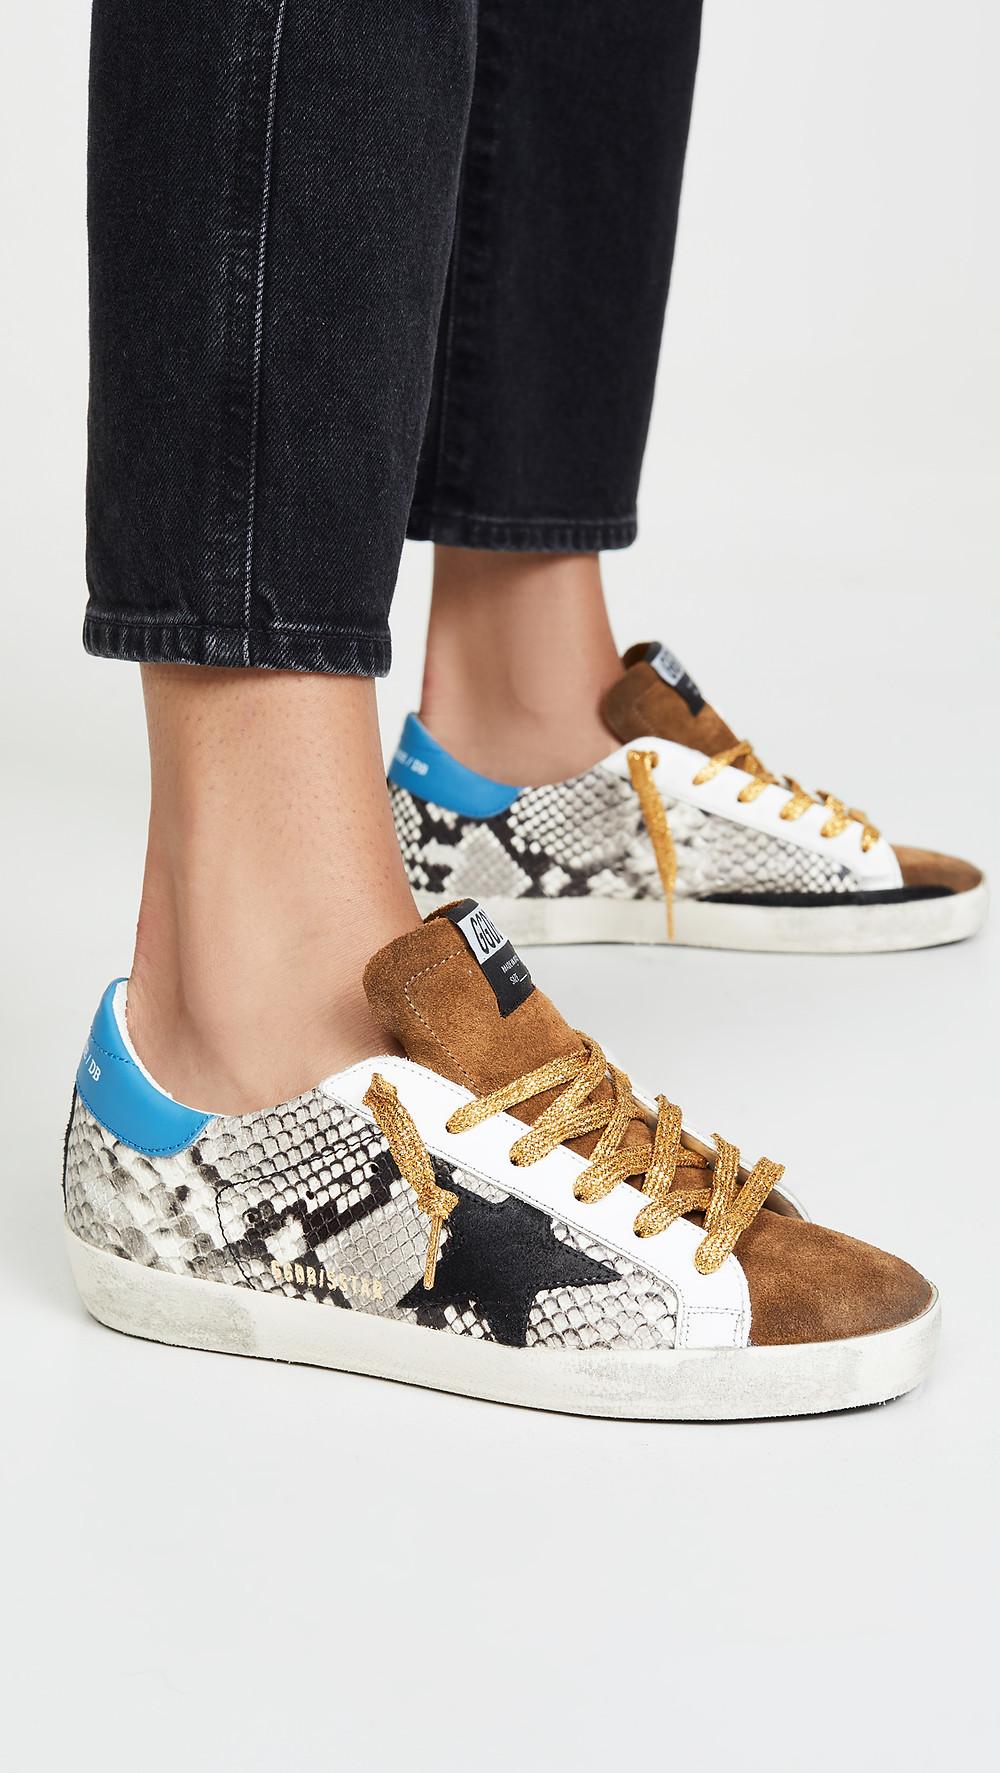 Golden Goose Superstar Sneakers $560